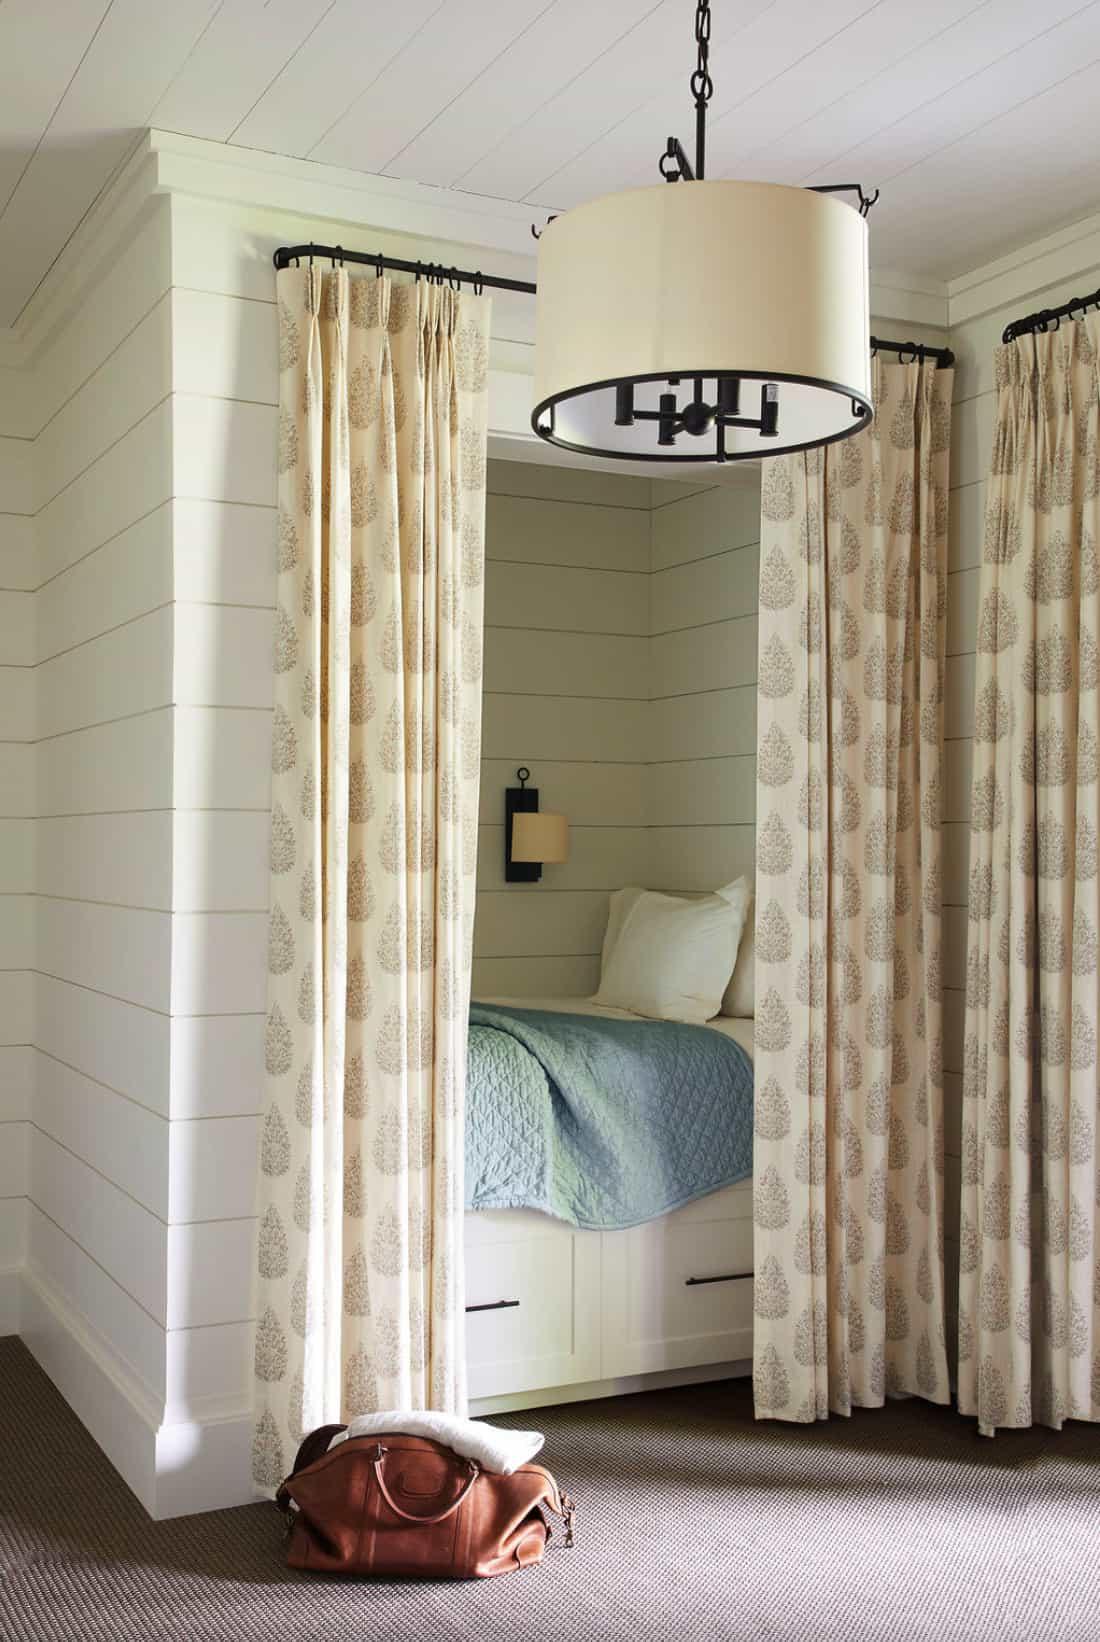 dormitorio de transición